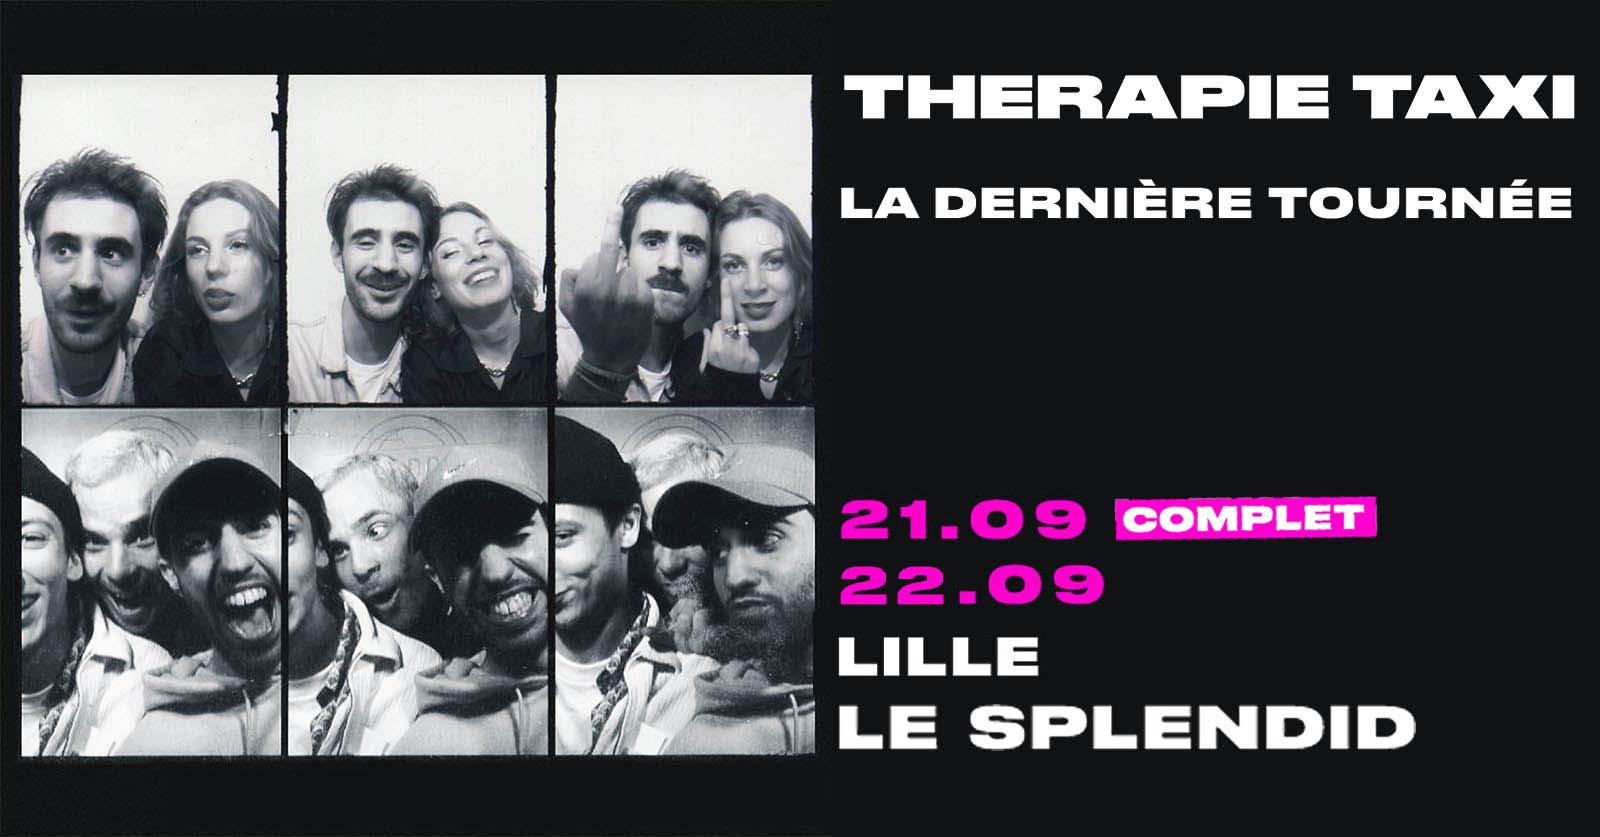 Therapie Taxi en concert au Splendid